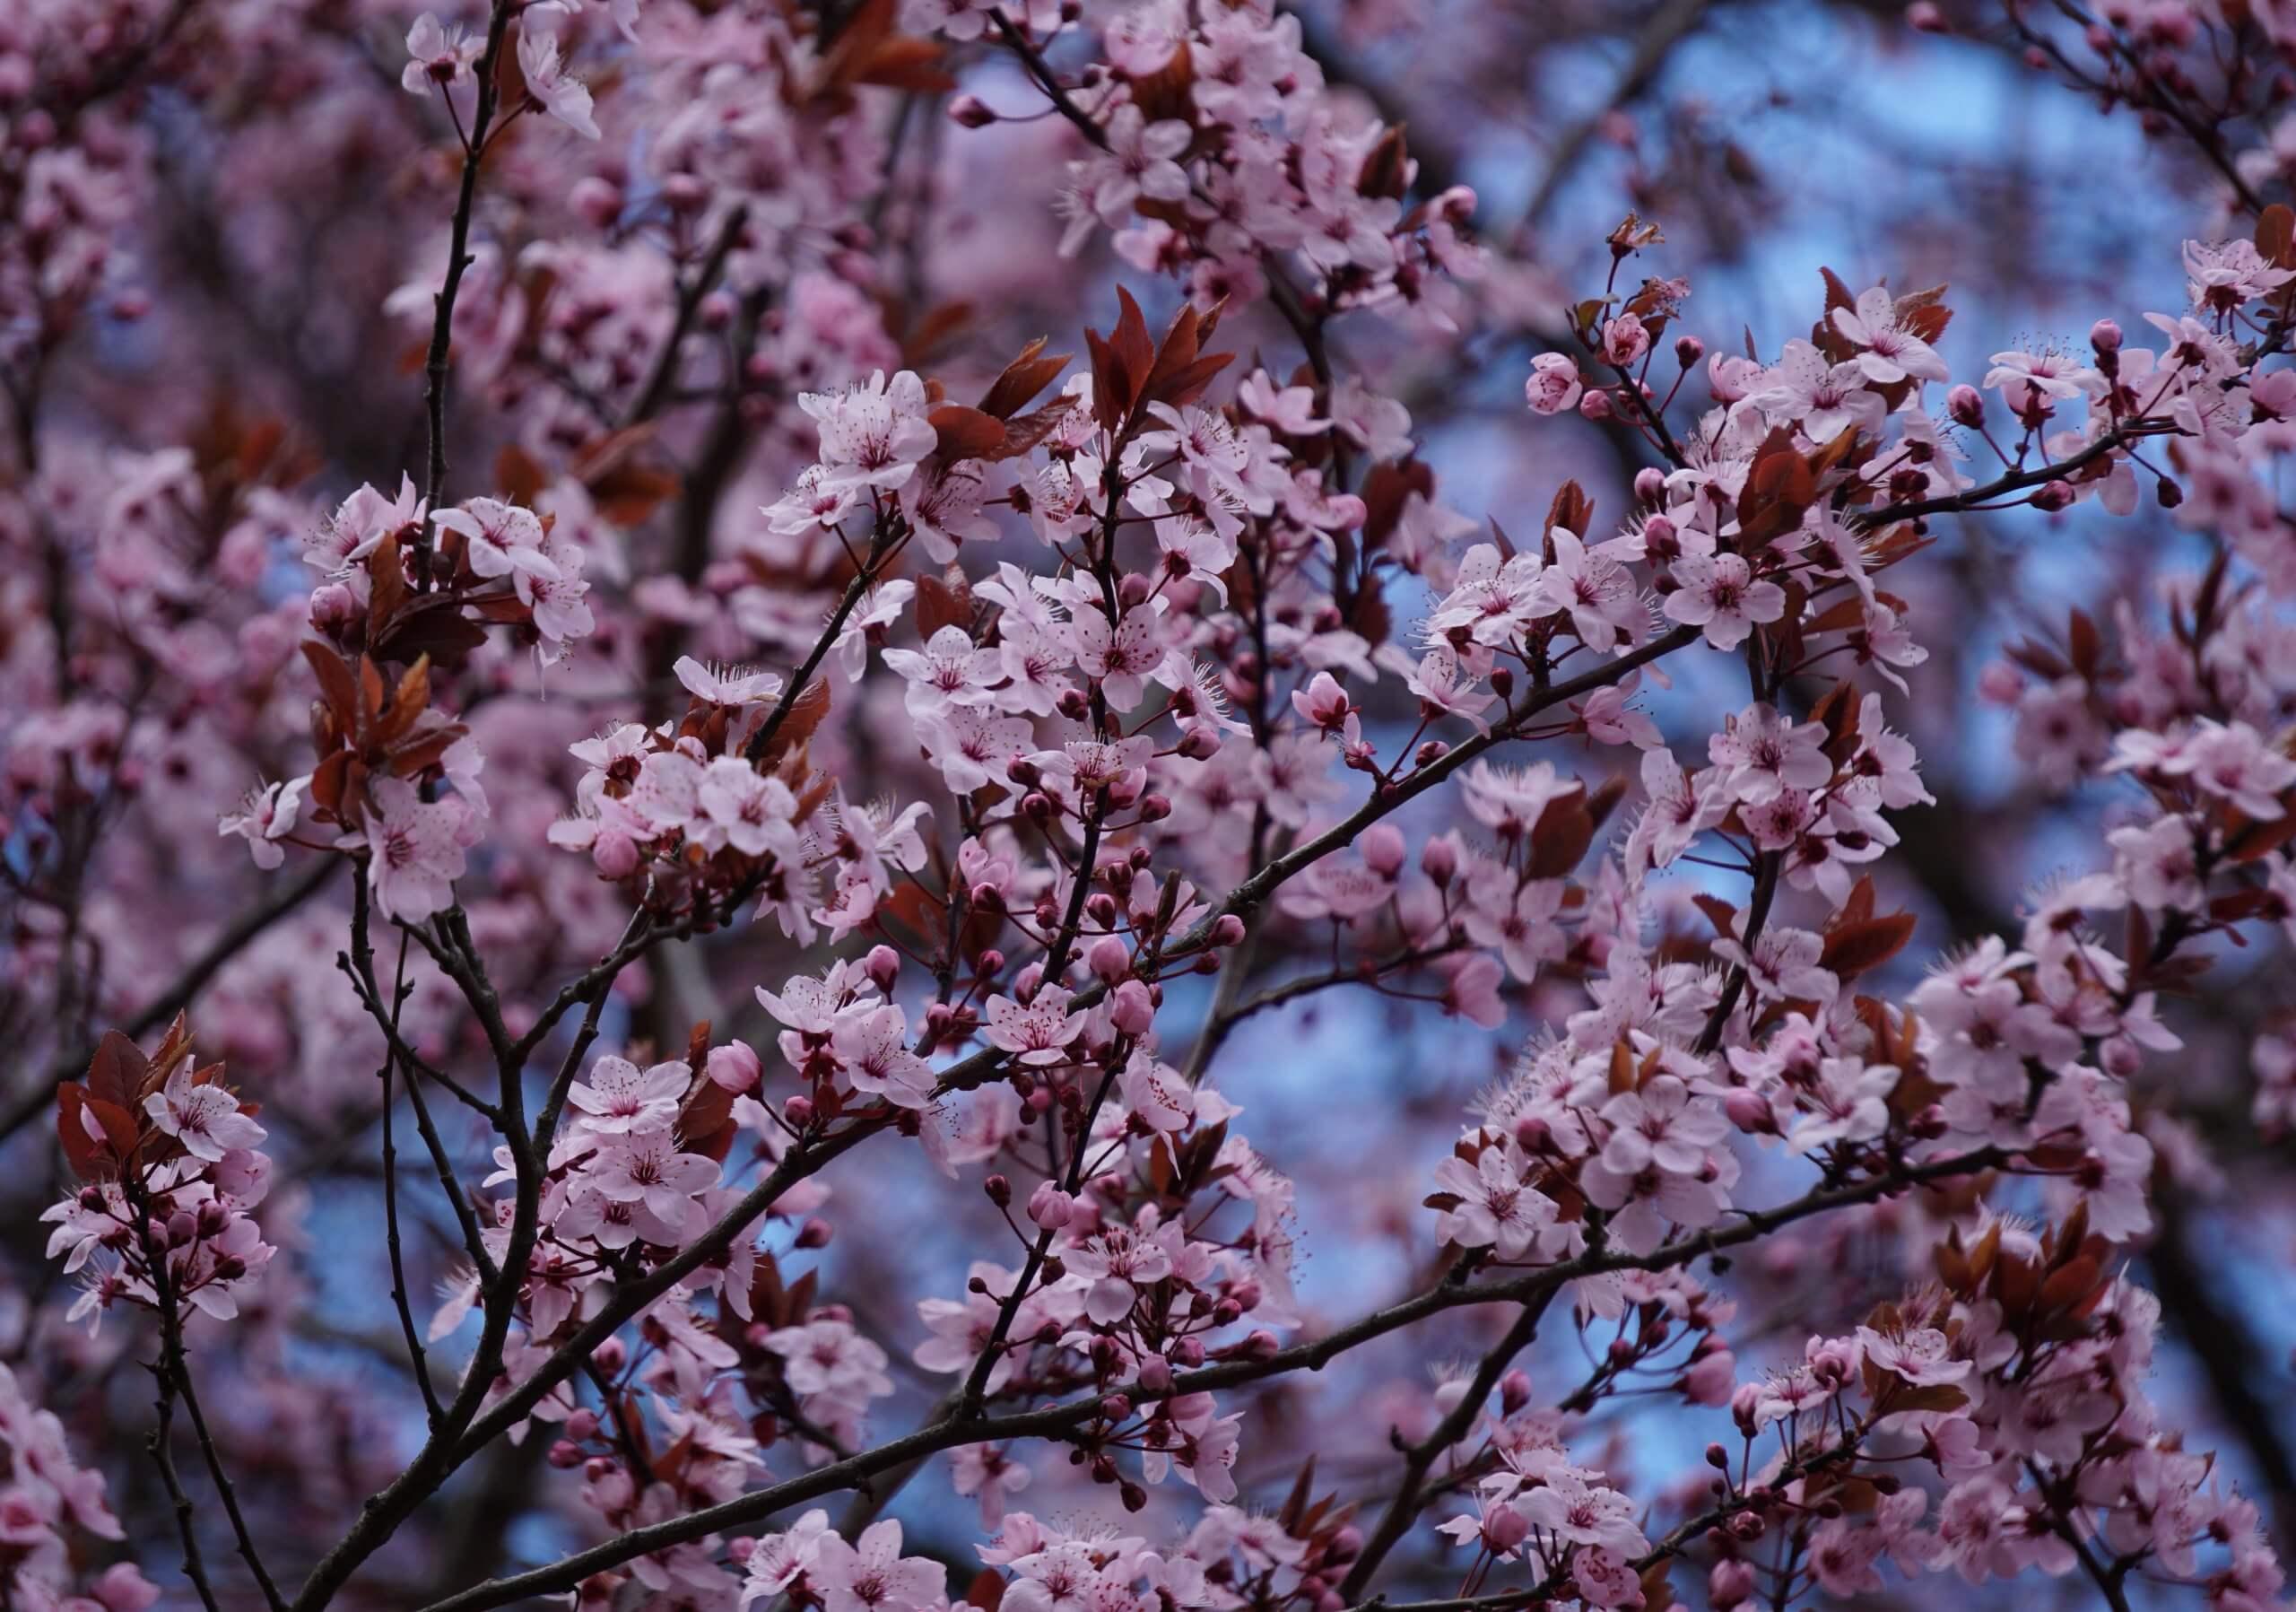 Das Bild zeigt die Zweige einer Japanischen Zierkirsche mit leicht rosafarbenen Blüten im Kosmosviertel, April 2021.